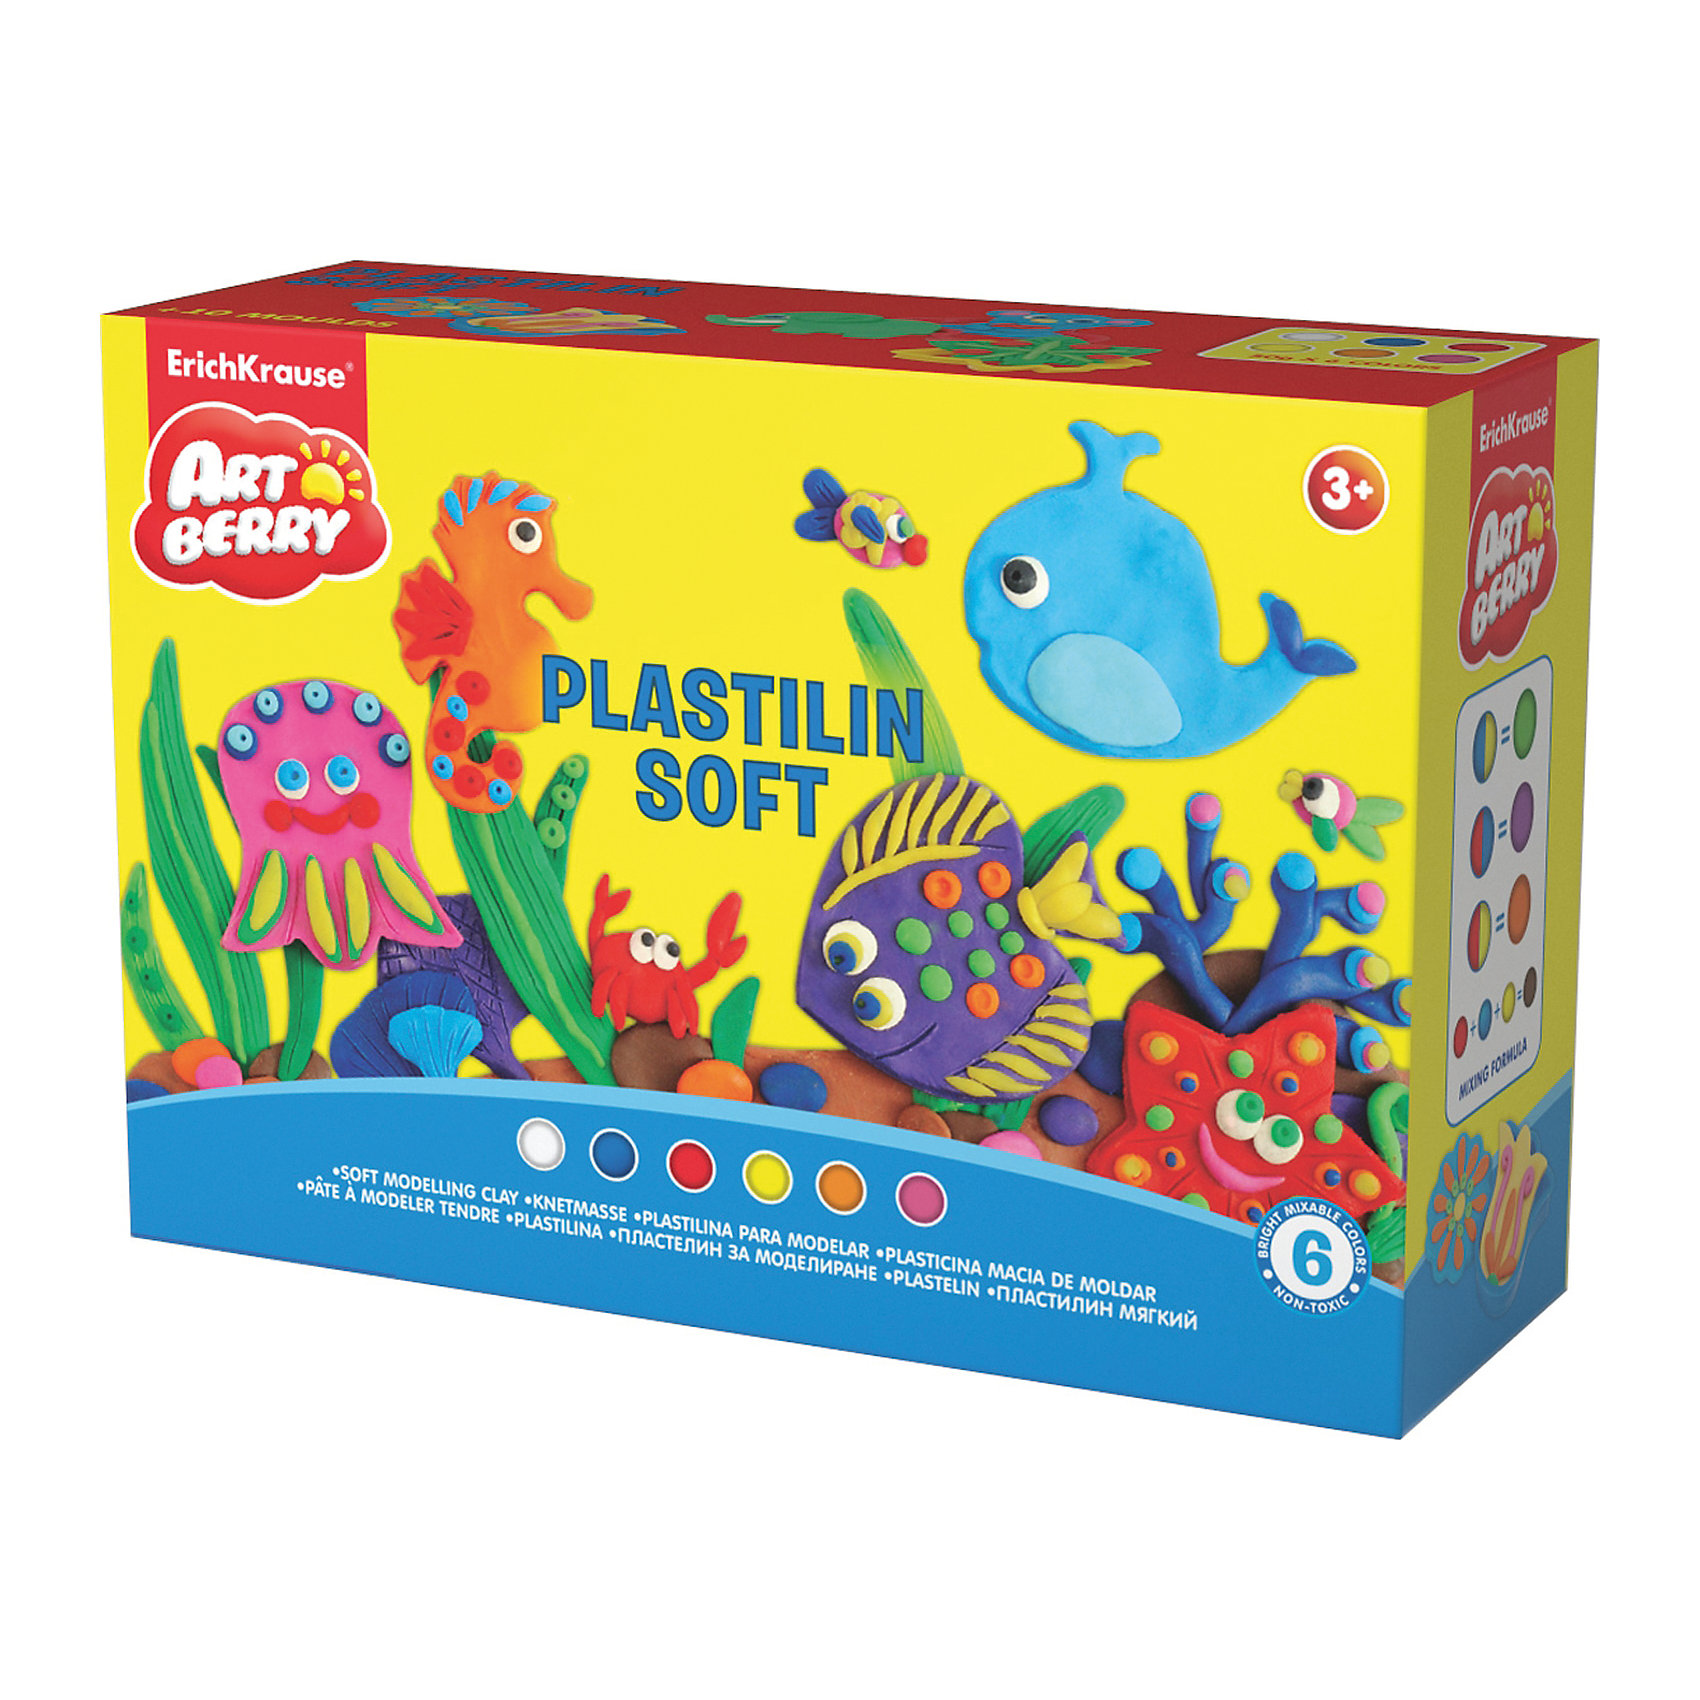 Пластилин мягкий Artberry по Play in Clay 6 цветов по 50гЛепка<br>Пластилин мягкий Artberry по Play in Clay 6 цветов по 50г.<br><br>Характеристики:<br><br>• В набор входит: 6 брусочков пластилина, 8 формочек, ножичек, валик, инструкция<br>• Размер упаковки: 22,5 * 8 * 15,5 см.<br>• Вес: 577 г.<br>• Для детей в возрасте: от 3-х лет<br>• Страна производитель: Китай<br><br>Пластилин этой серии изготовлен на основе кукурузного крахмала, легко разминается и не застывает на воздухе, в состав также входит вазелиновое масло, ухаживающее за ручками. Этот набор включает в себя шесть ярких цветов, которые позволят вылепить любой шедевр. Кроме того, в набор входят целых восемь формочек с растениями и животными. <br><br>С помощью безопасного ножичка вы сможете отрезать кусочки и вырезать детали животных и растений, а благодаря валику можно будет раскатывать пластилин как тесто. Занимаясь лепкой дети развивают моторику рук, творческие способности, восприятие цветов и их сочетаний, а также лепка благотворно влияет на развитие речи, координацию движений, память и логическое мышление. Лепка всей семьей поможет весело и пользой провести время!<br><br>Пластилин мягкий Artberry по Play in Clay 6 цветов по 50г. можно купить в нашем интернет-магазине.<br><br>Ширина мм: 226<br>Глубина мм: 155<br>Высота мм: 78<br>Вес г: 577<br>Возраст от месяцев: 60<br>Возраст до месяцев: 216<br>Пол: Унисекс<br>Возраст: Детский<br>SKU: 5409346